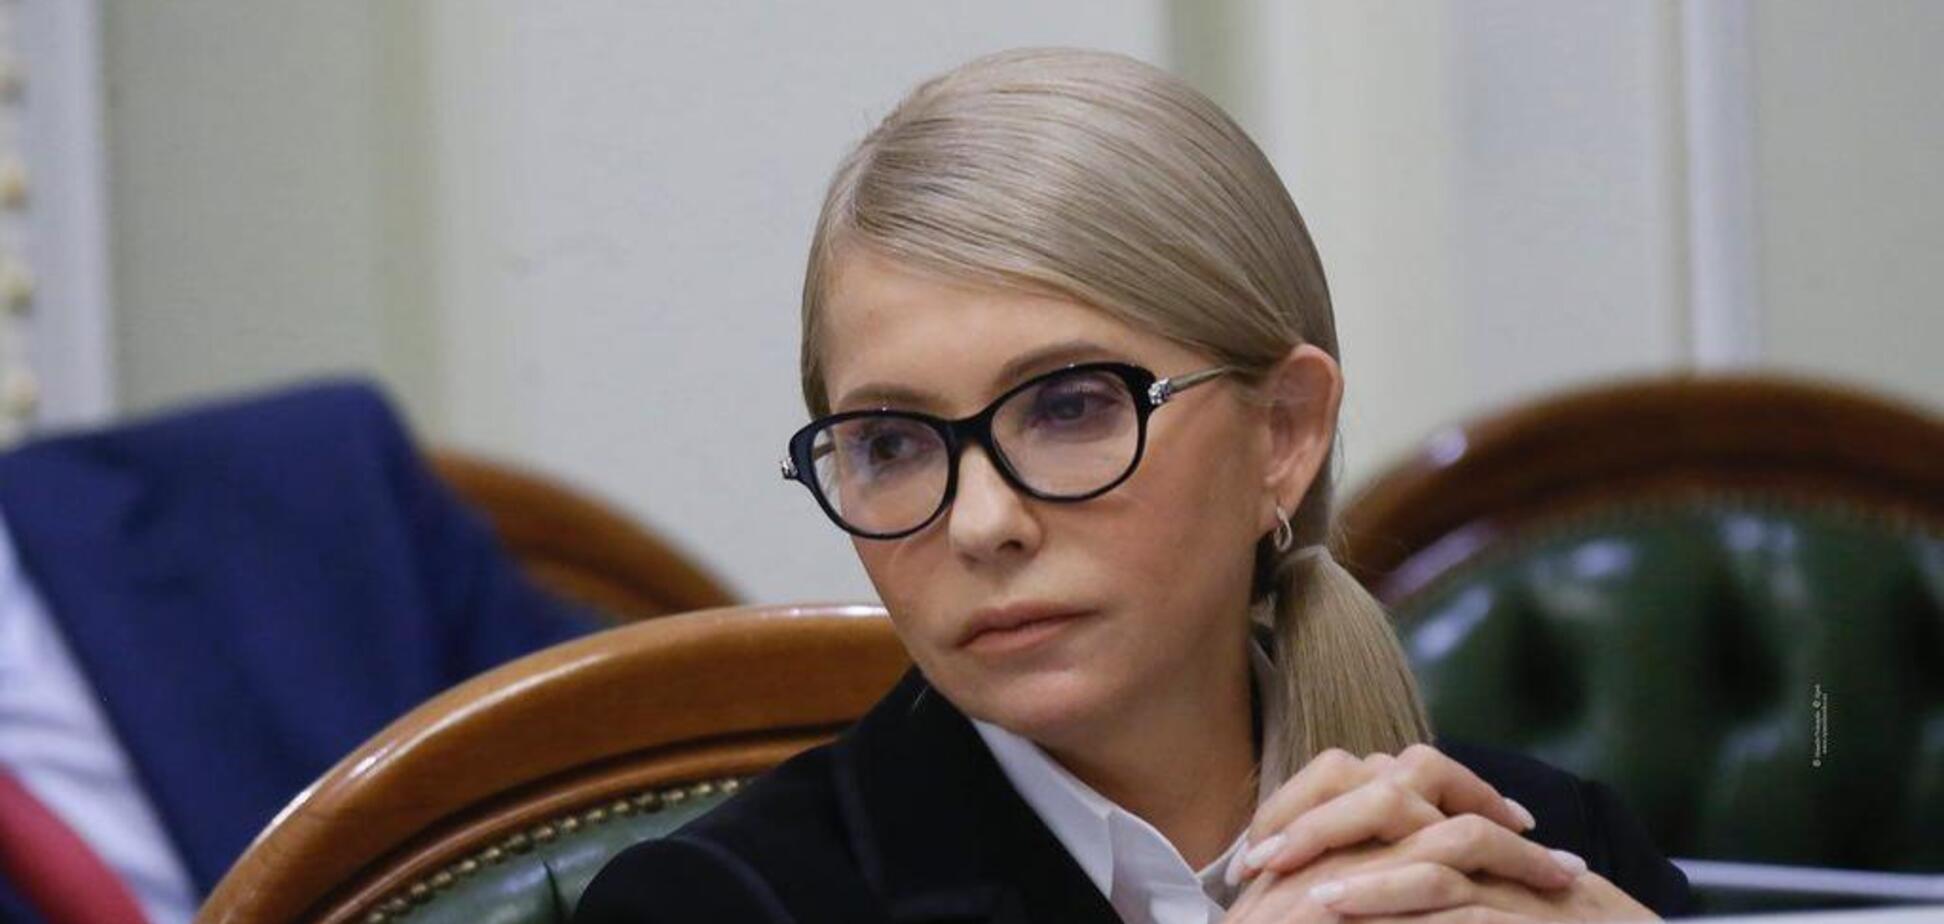 В Україні слід знизити тарифи, розморозити зарплати та пенсії – Тимошенко